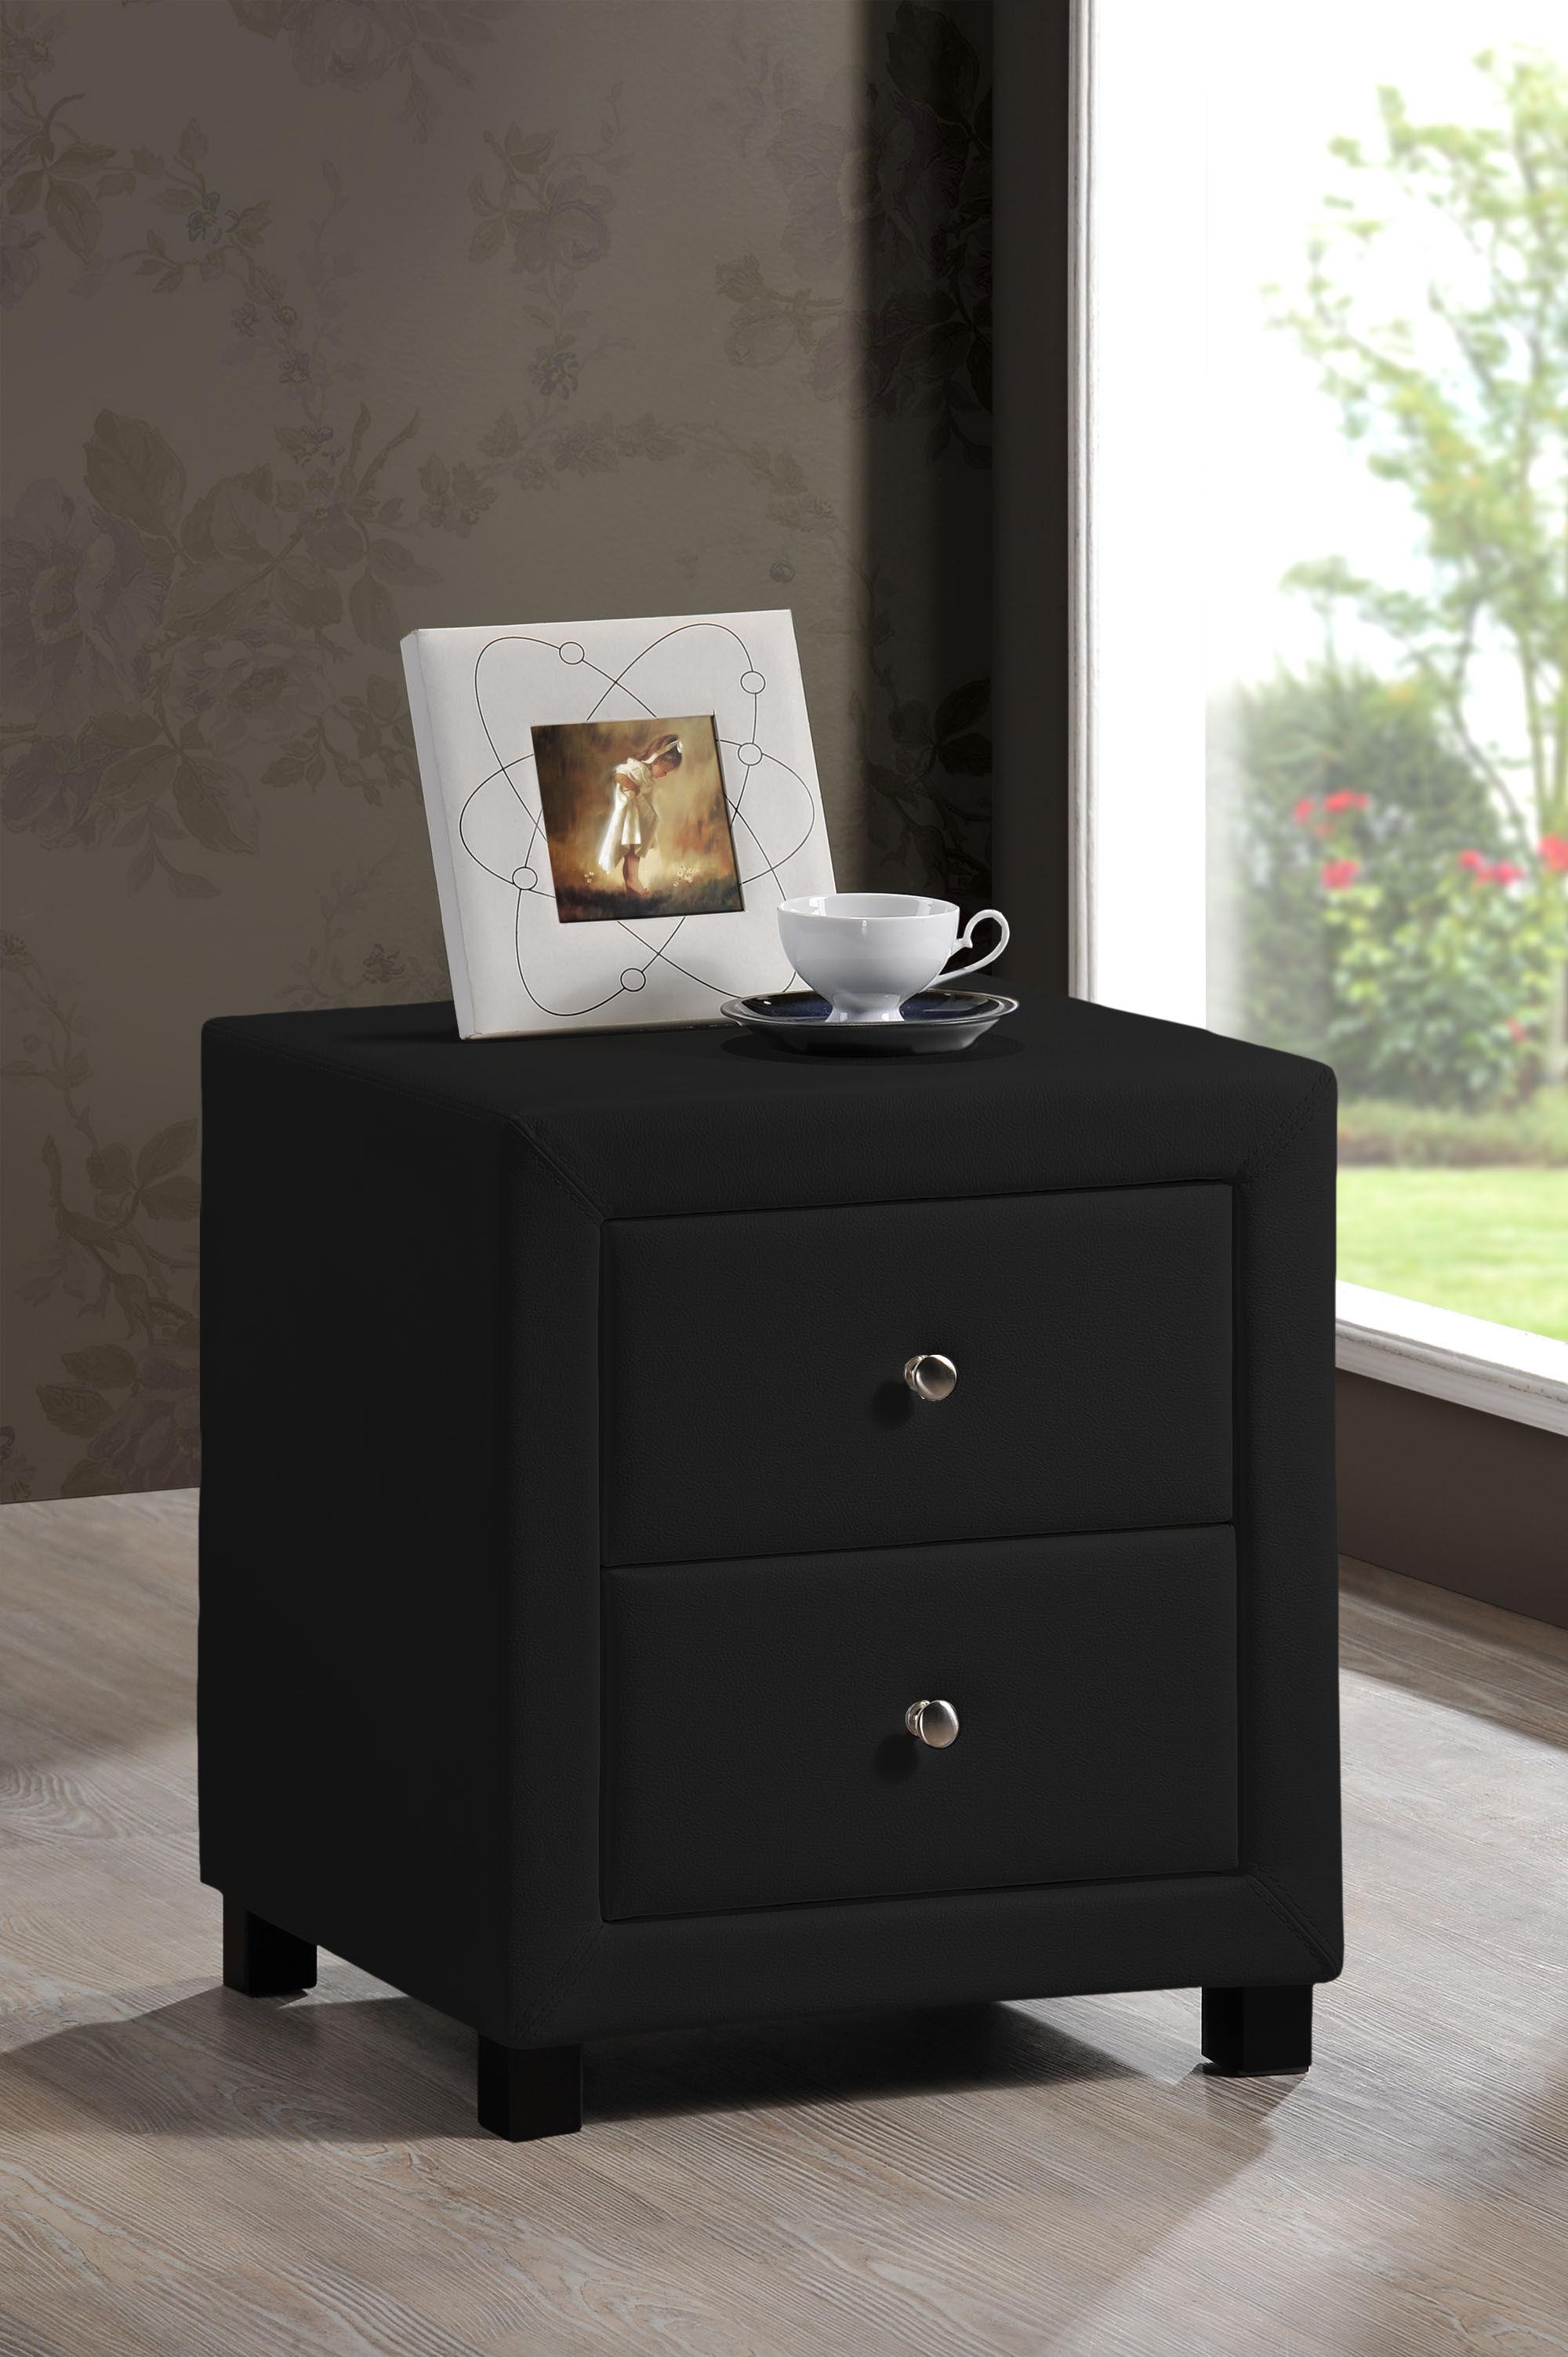 Furniturekraze ltd chelsea 2 drawer faux leather bedside black prev watchthetrailerfo